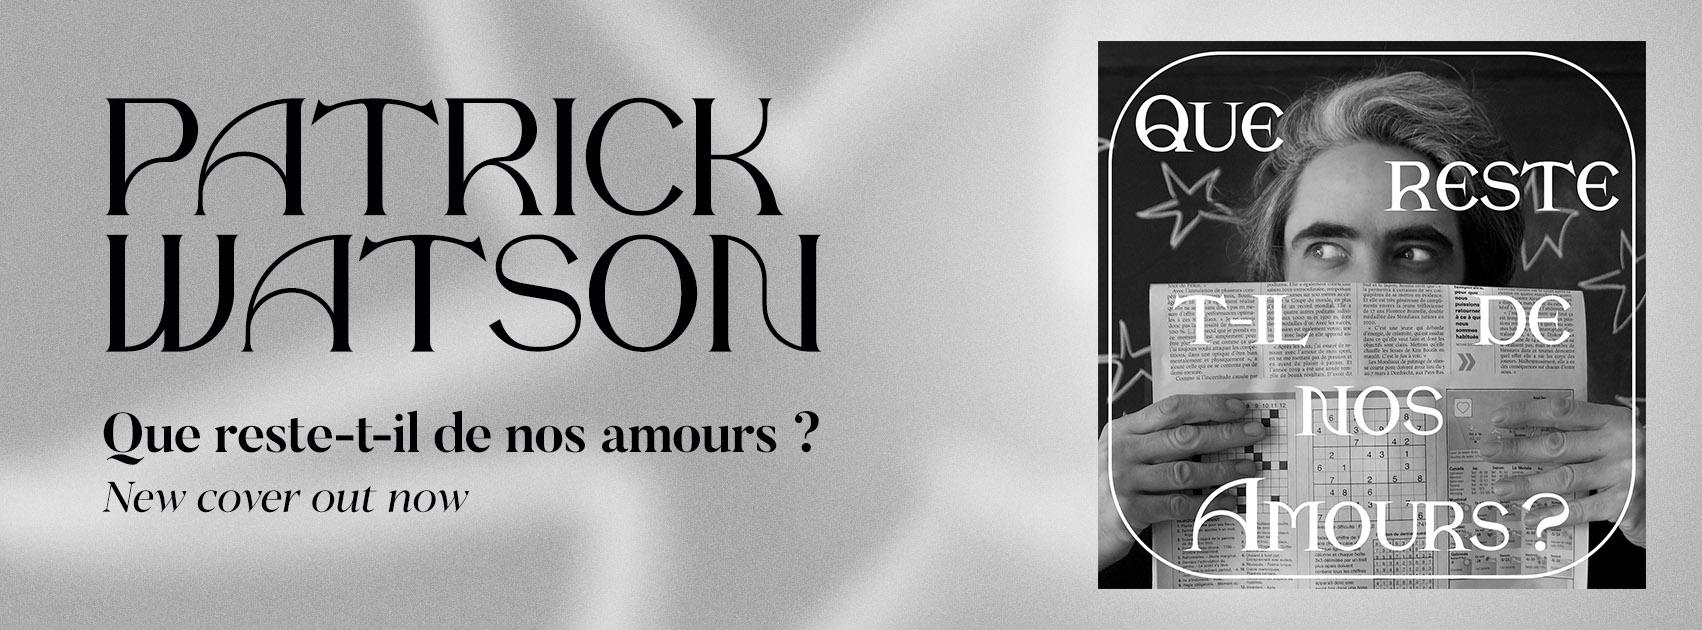 PatrickWatson-Amours-SCRWebsite-EN